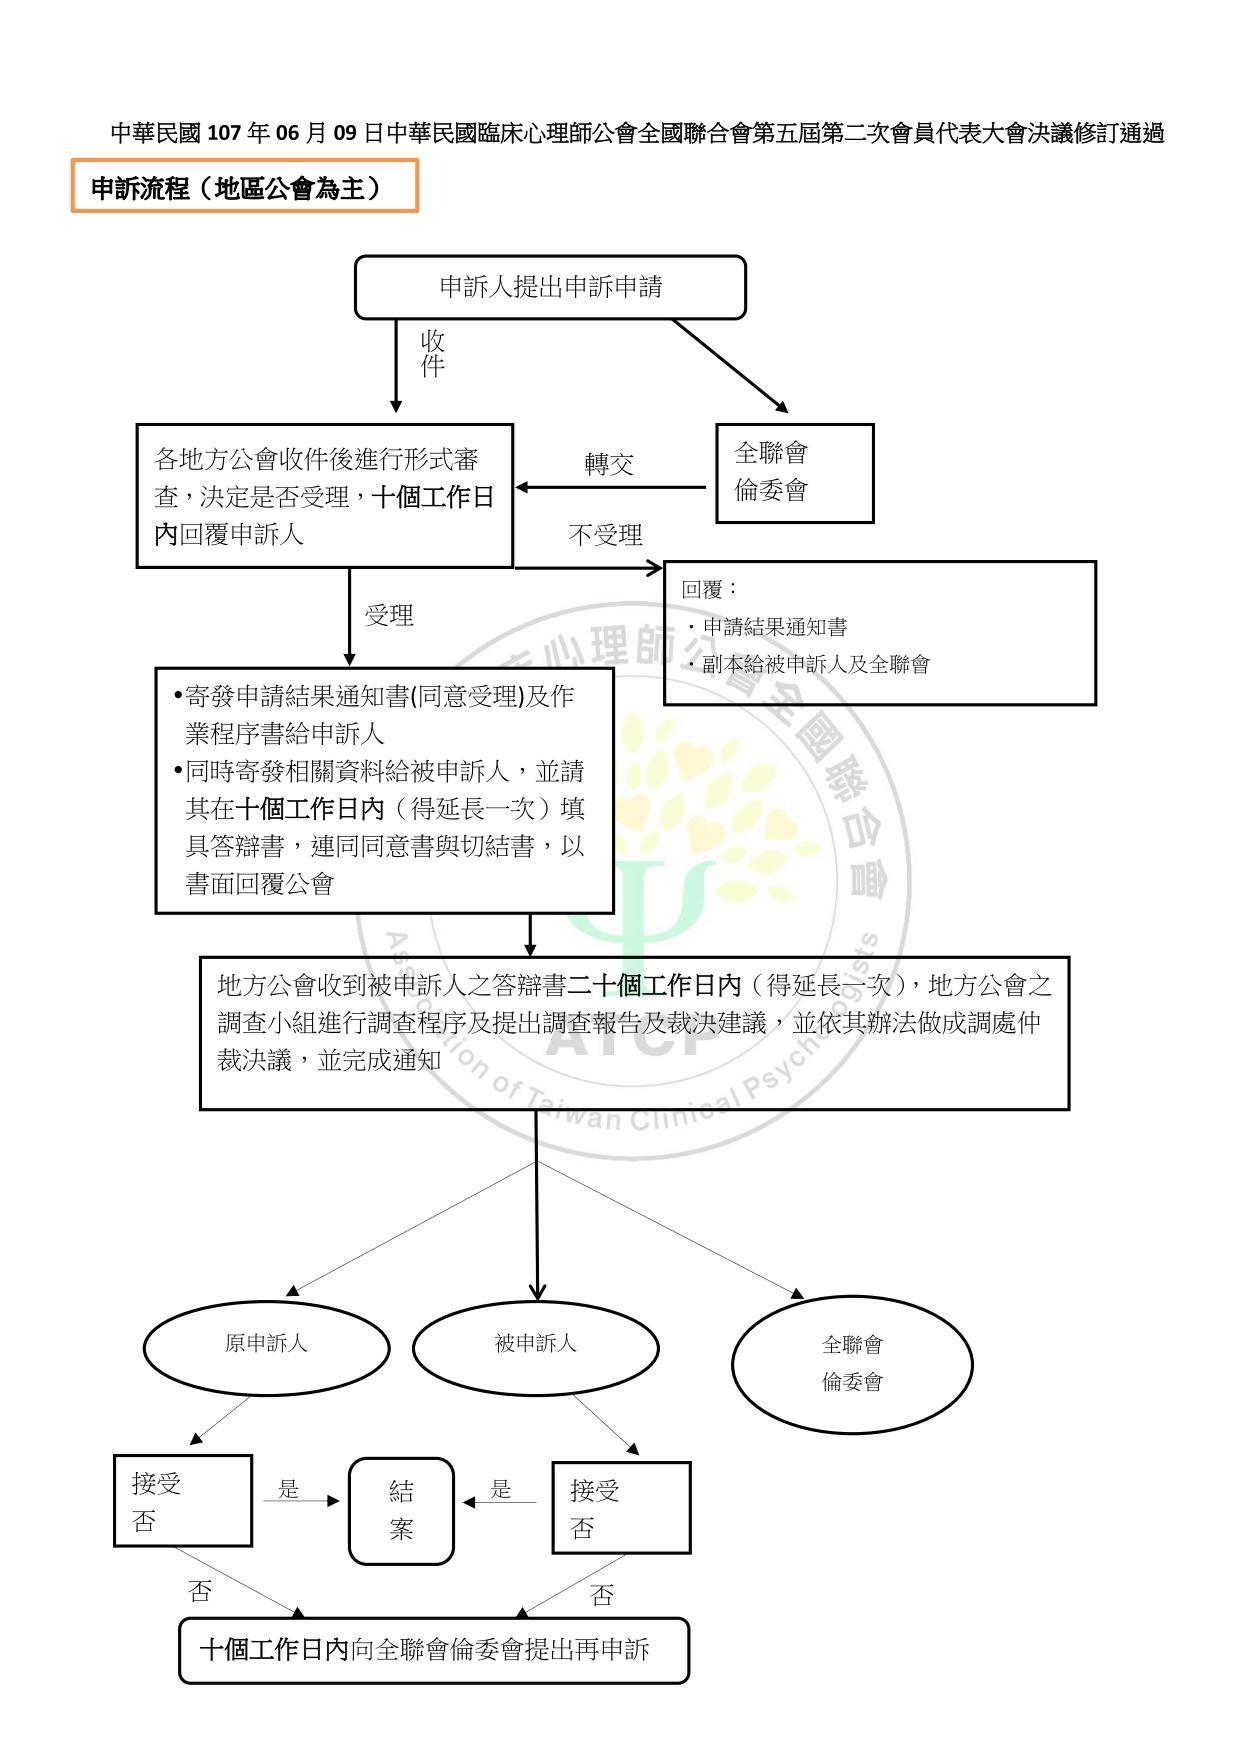 倫理申訴流程圖